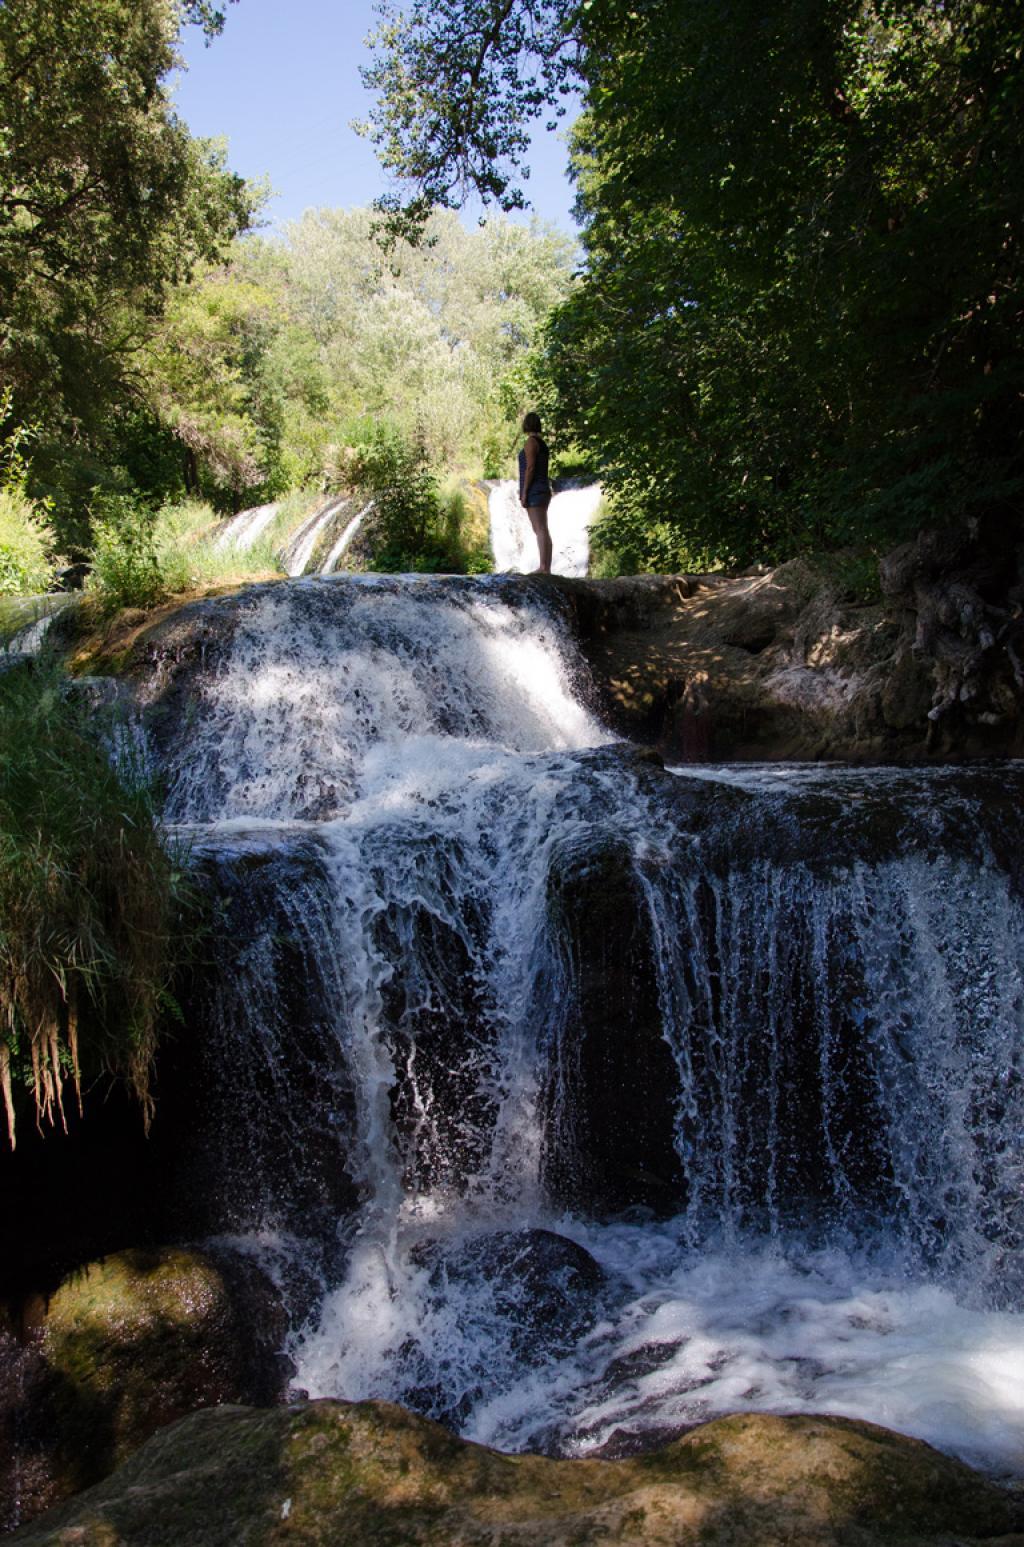 Chutes du caramy sites naturels carc s office de - Office tourisme saint maximin la sainte baume ...